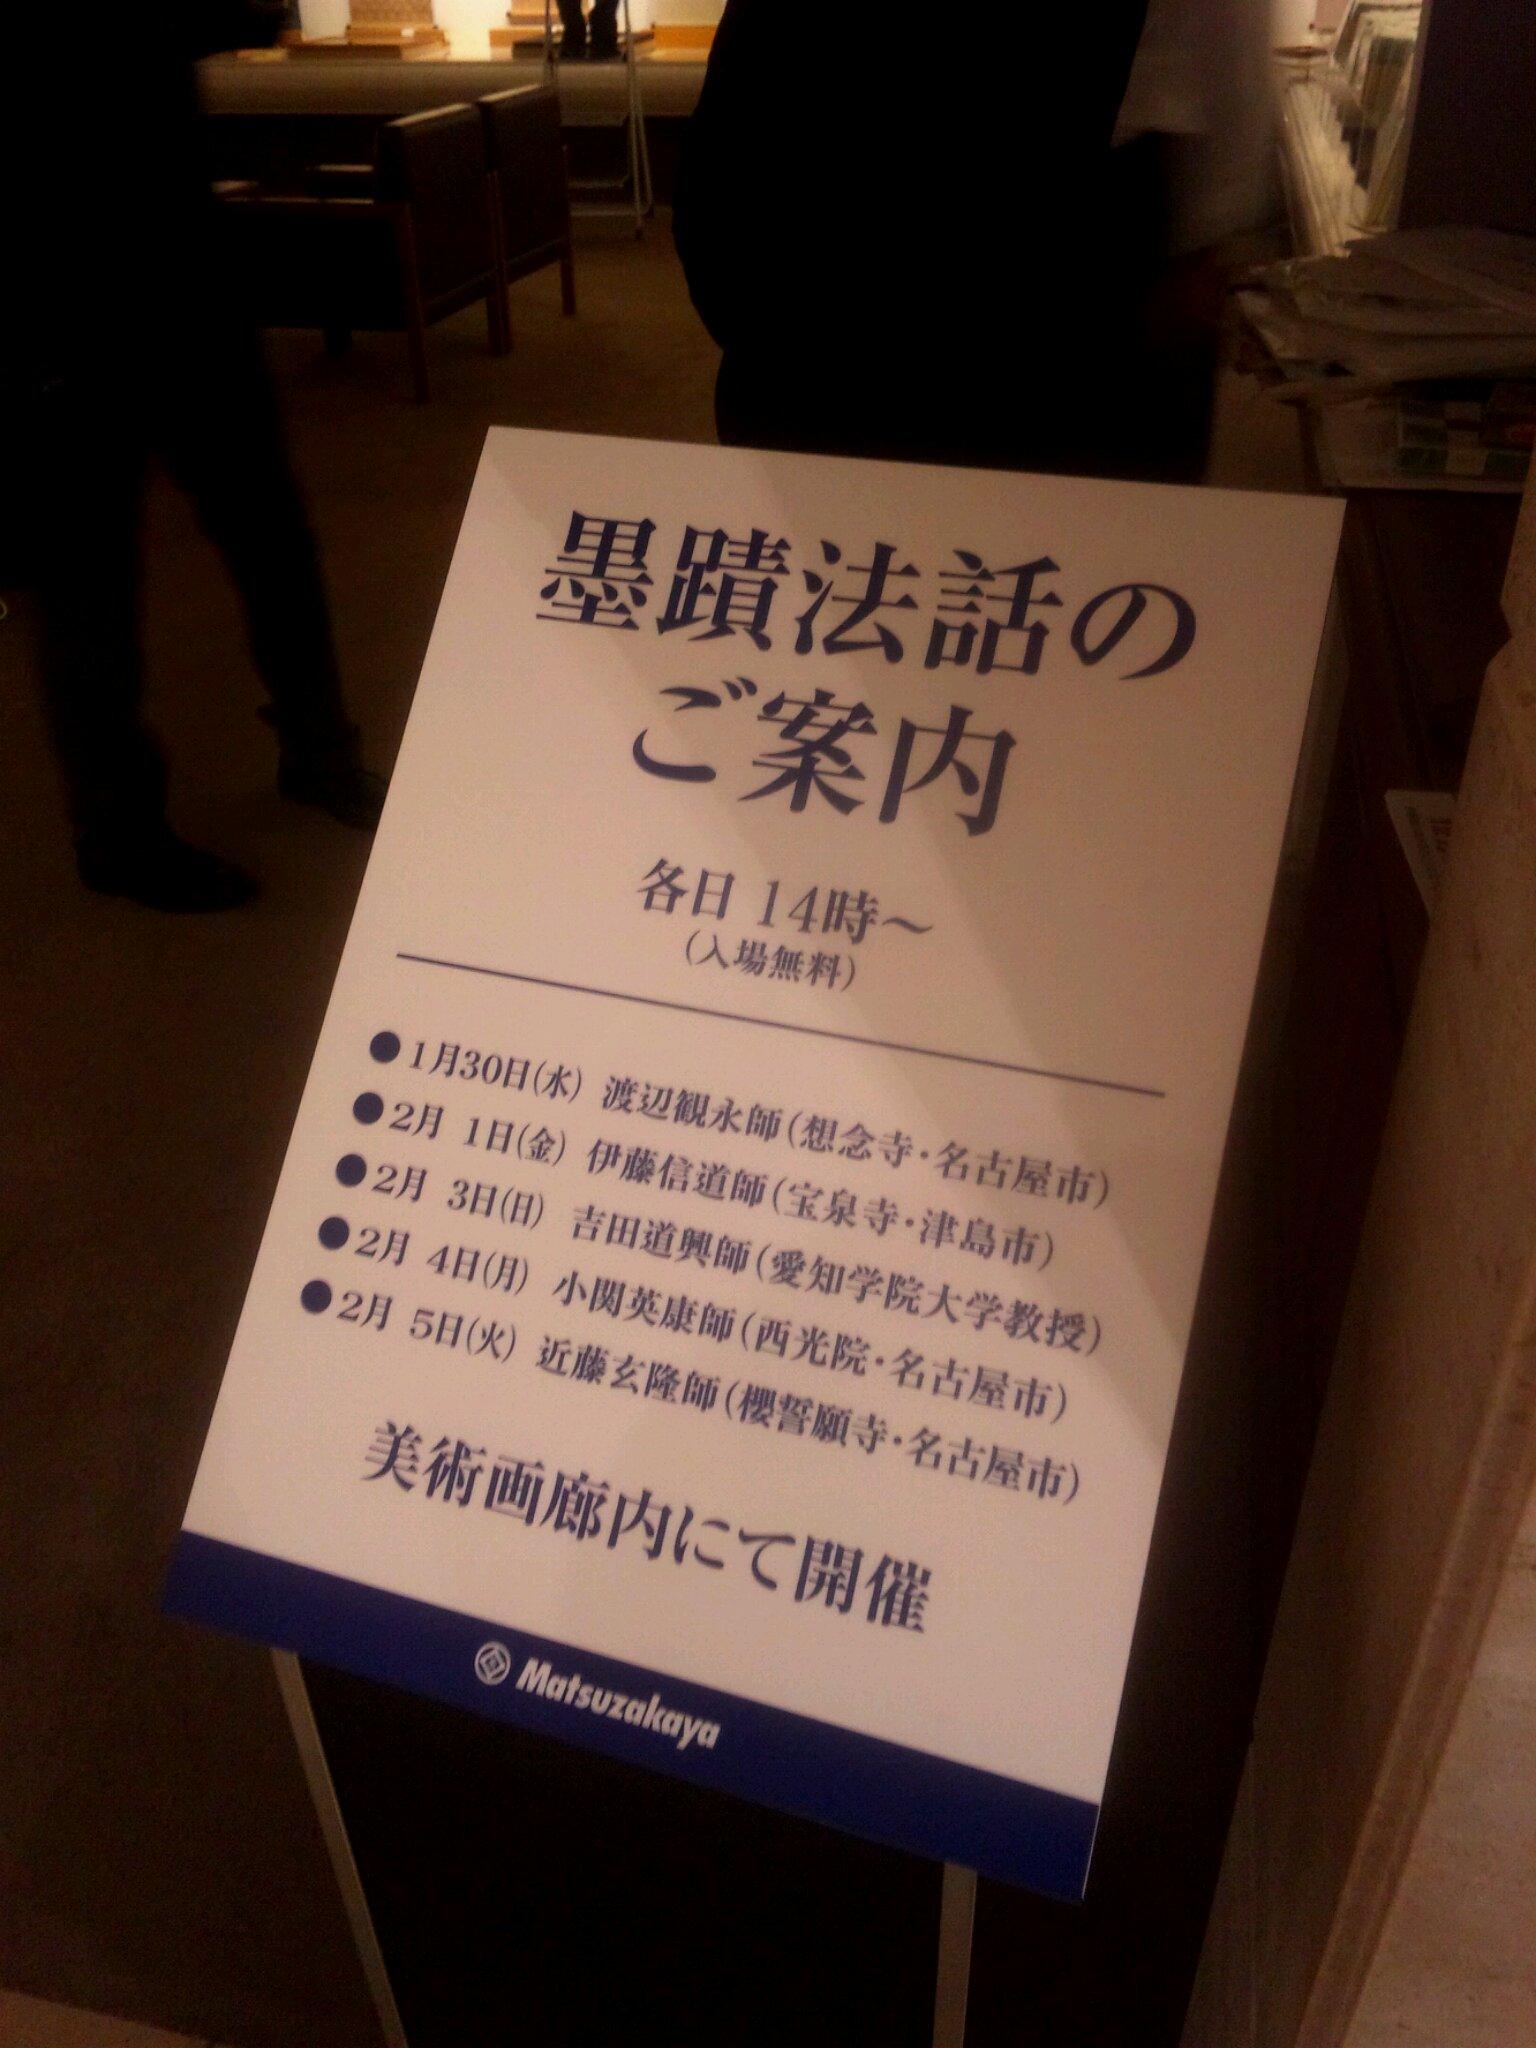 明日松坂屋でお会いしましょう